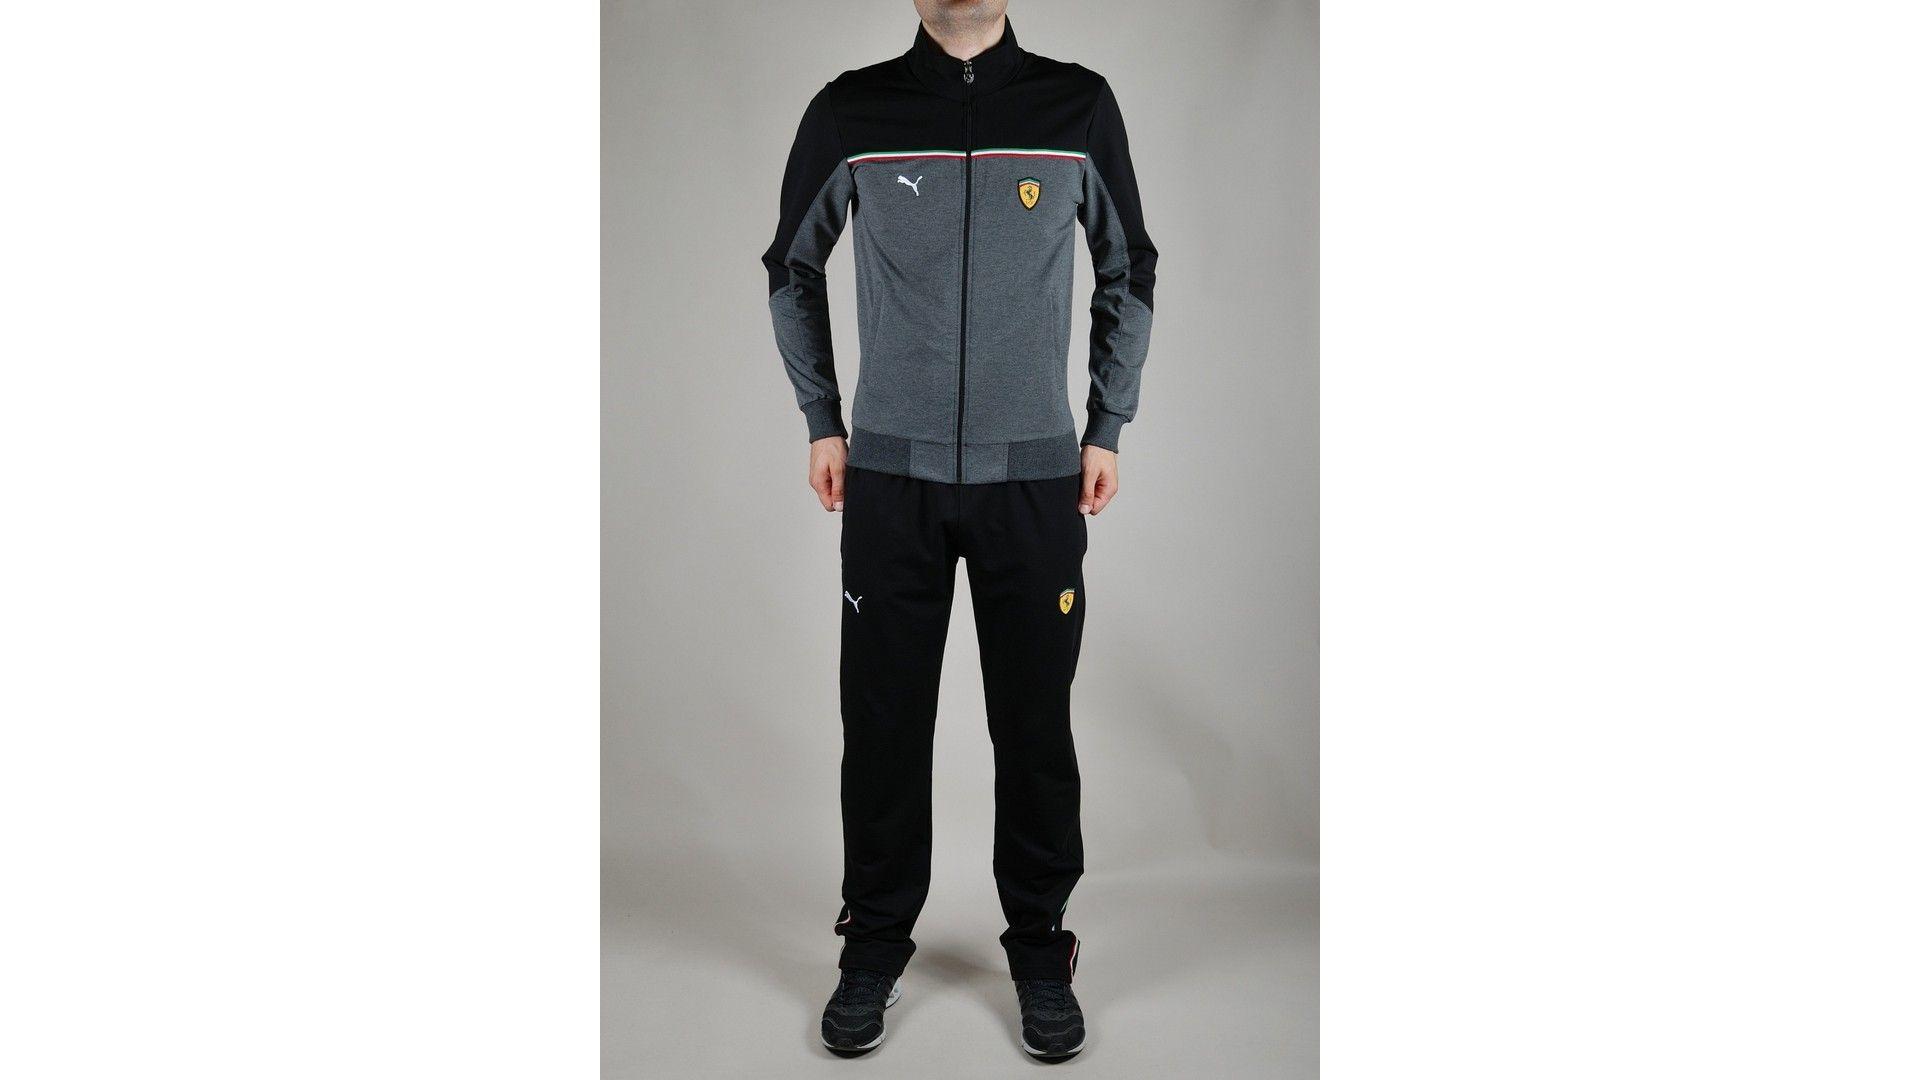 28c03328 Купить оптом Спортивный костюм Puma Ferrari (1223-2) в интернет-магазине,